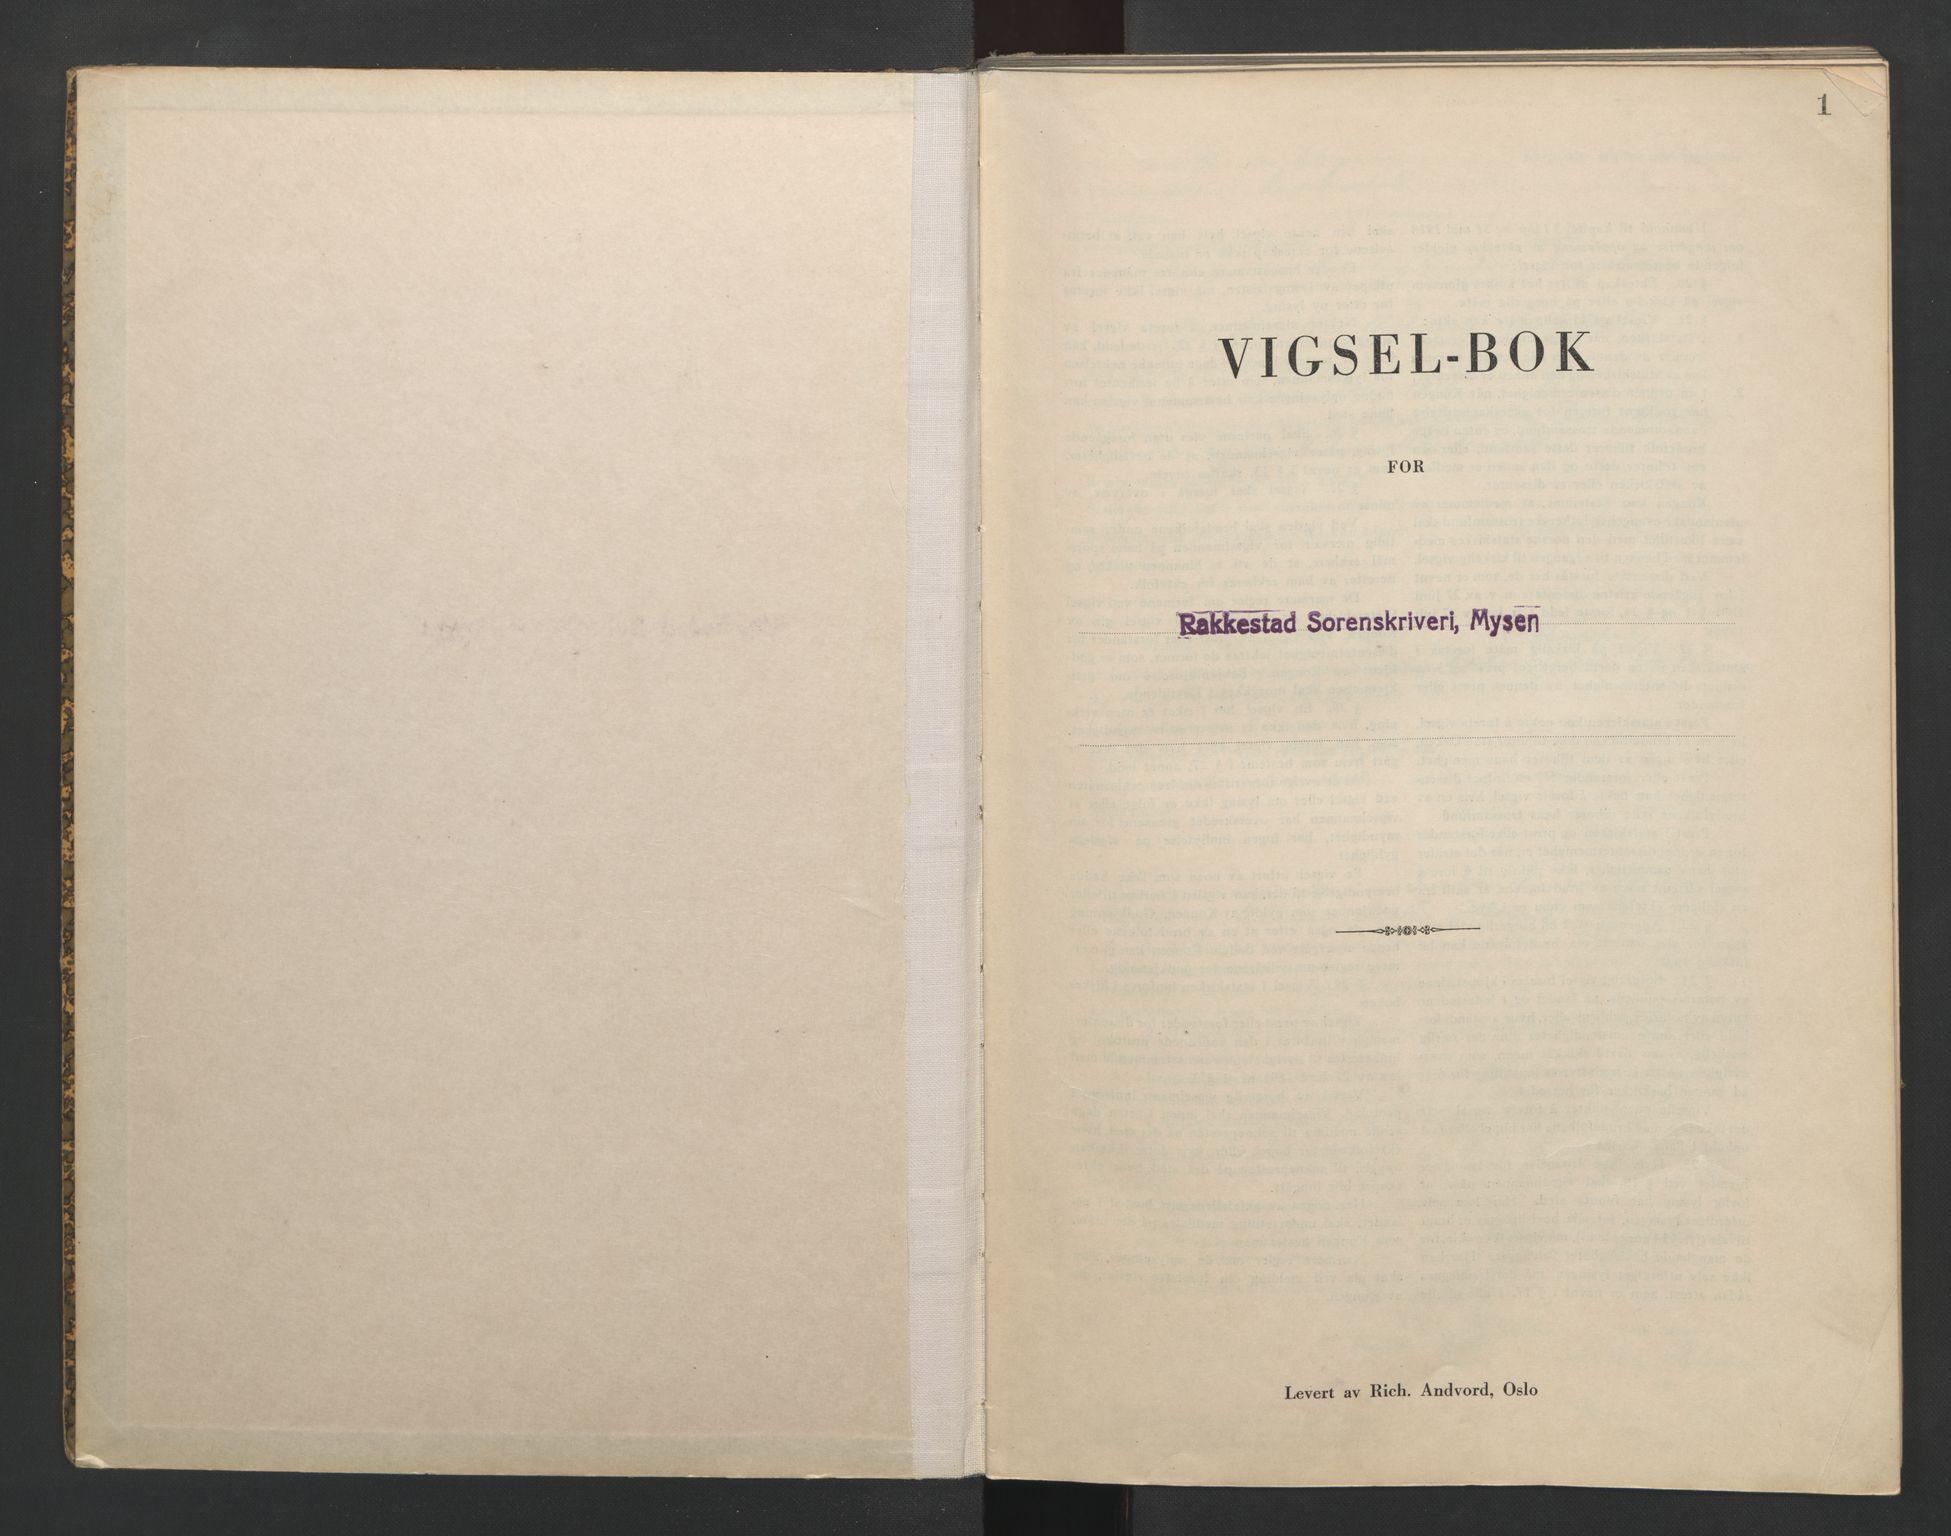 SAO, Rakkestad sorenskriveri, L/Lc/Lca/L0003: Vigselbøker, 1943-1944, s. 1